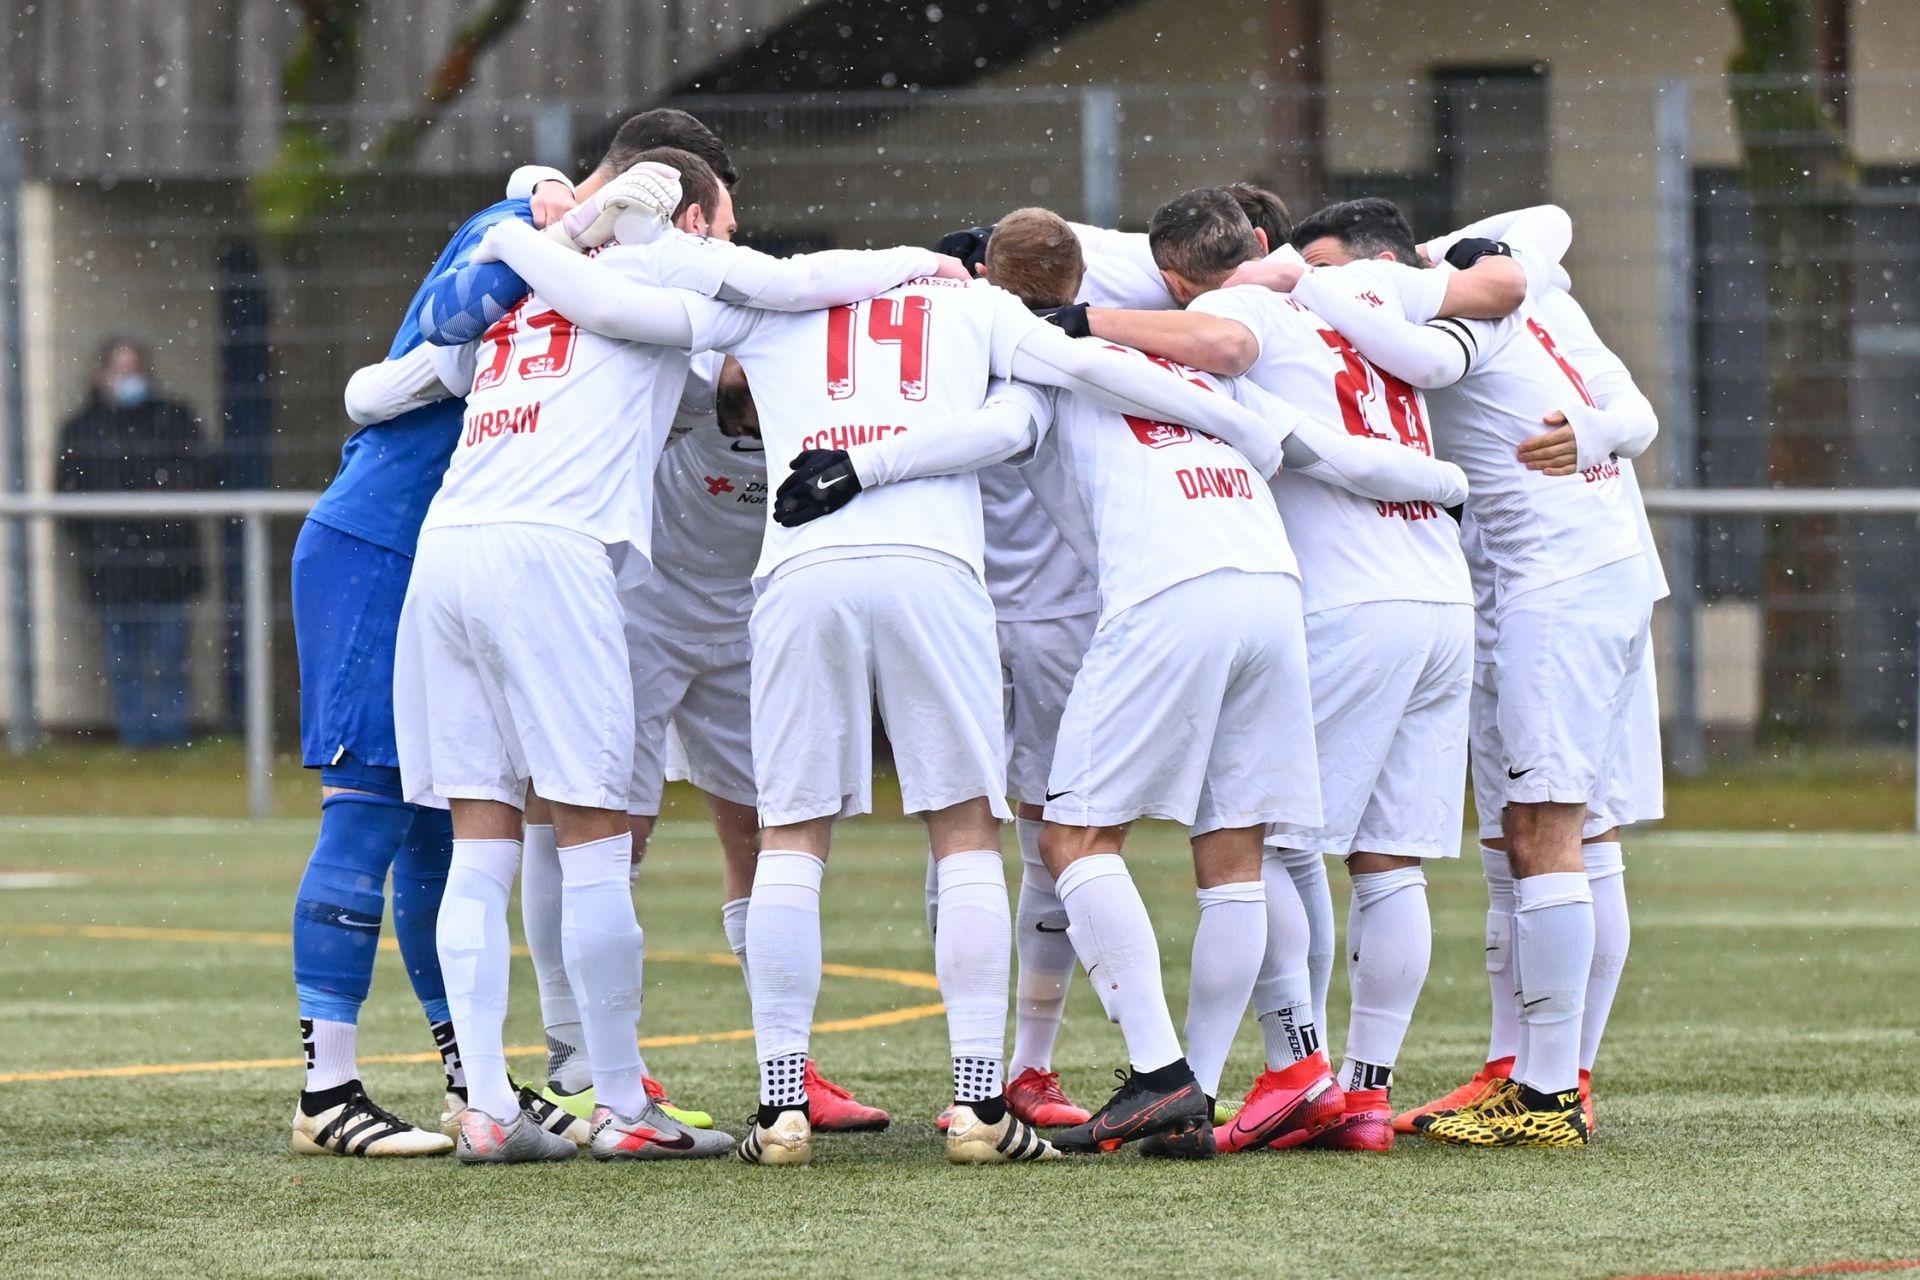 Regionalliga Südwest 2020/21, KSV Hessen Kassel, VfB Stuttgart II, Endstand 0:4, Einstimmung vor dem Anpfiff